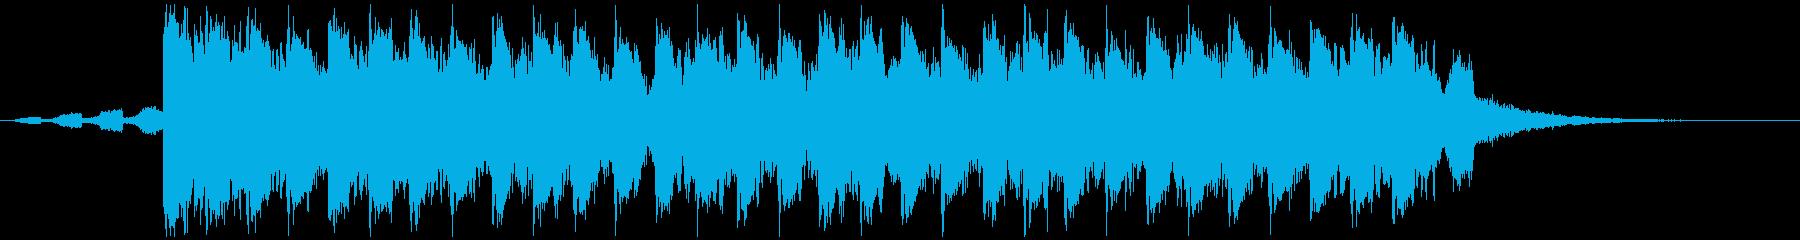 夏らしい洋楽風トロピカルハウスShortの再生済みの波形